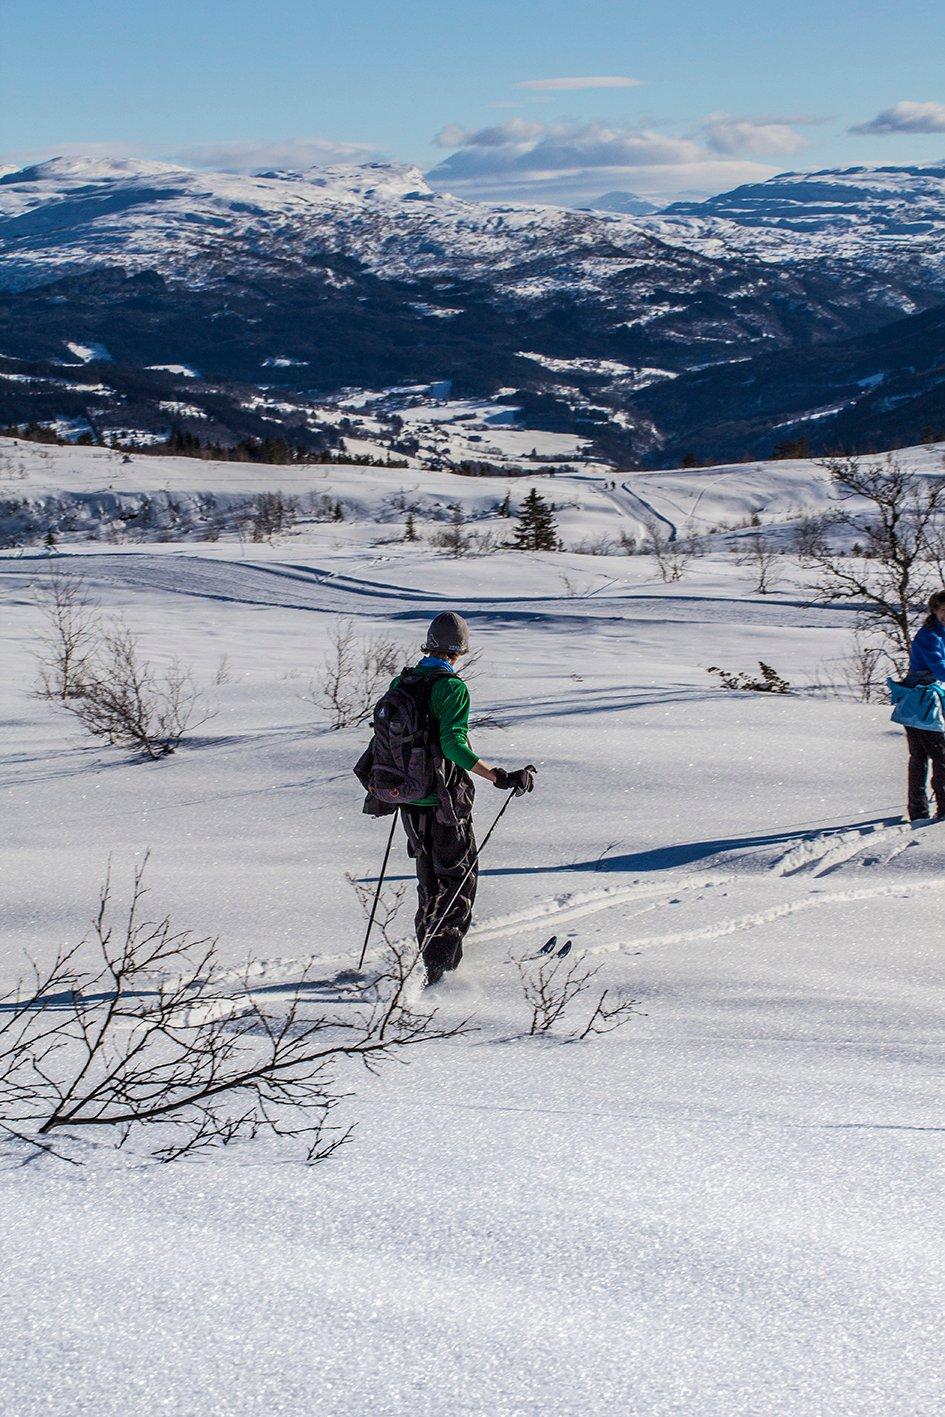 Vinterferiebilde fra Voss Resort Hanguren - utsikt mot Gråsida, 24. feb. (Foto: Jan Einar Thorsen)